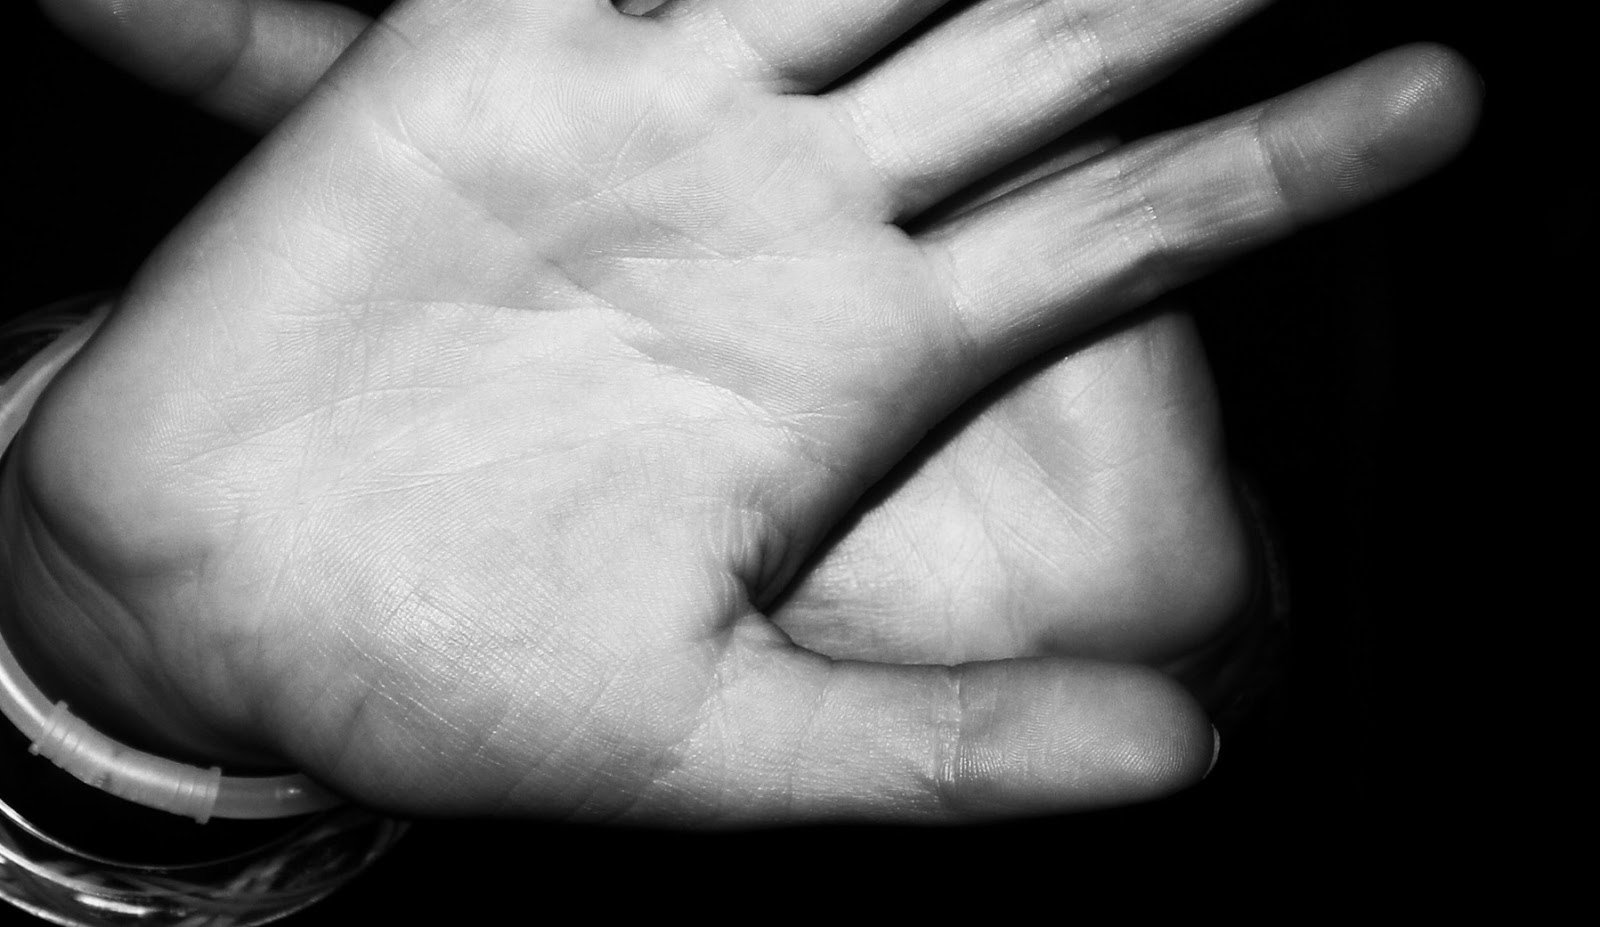 Kulit tangan hitam